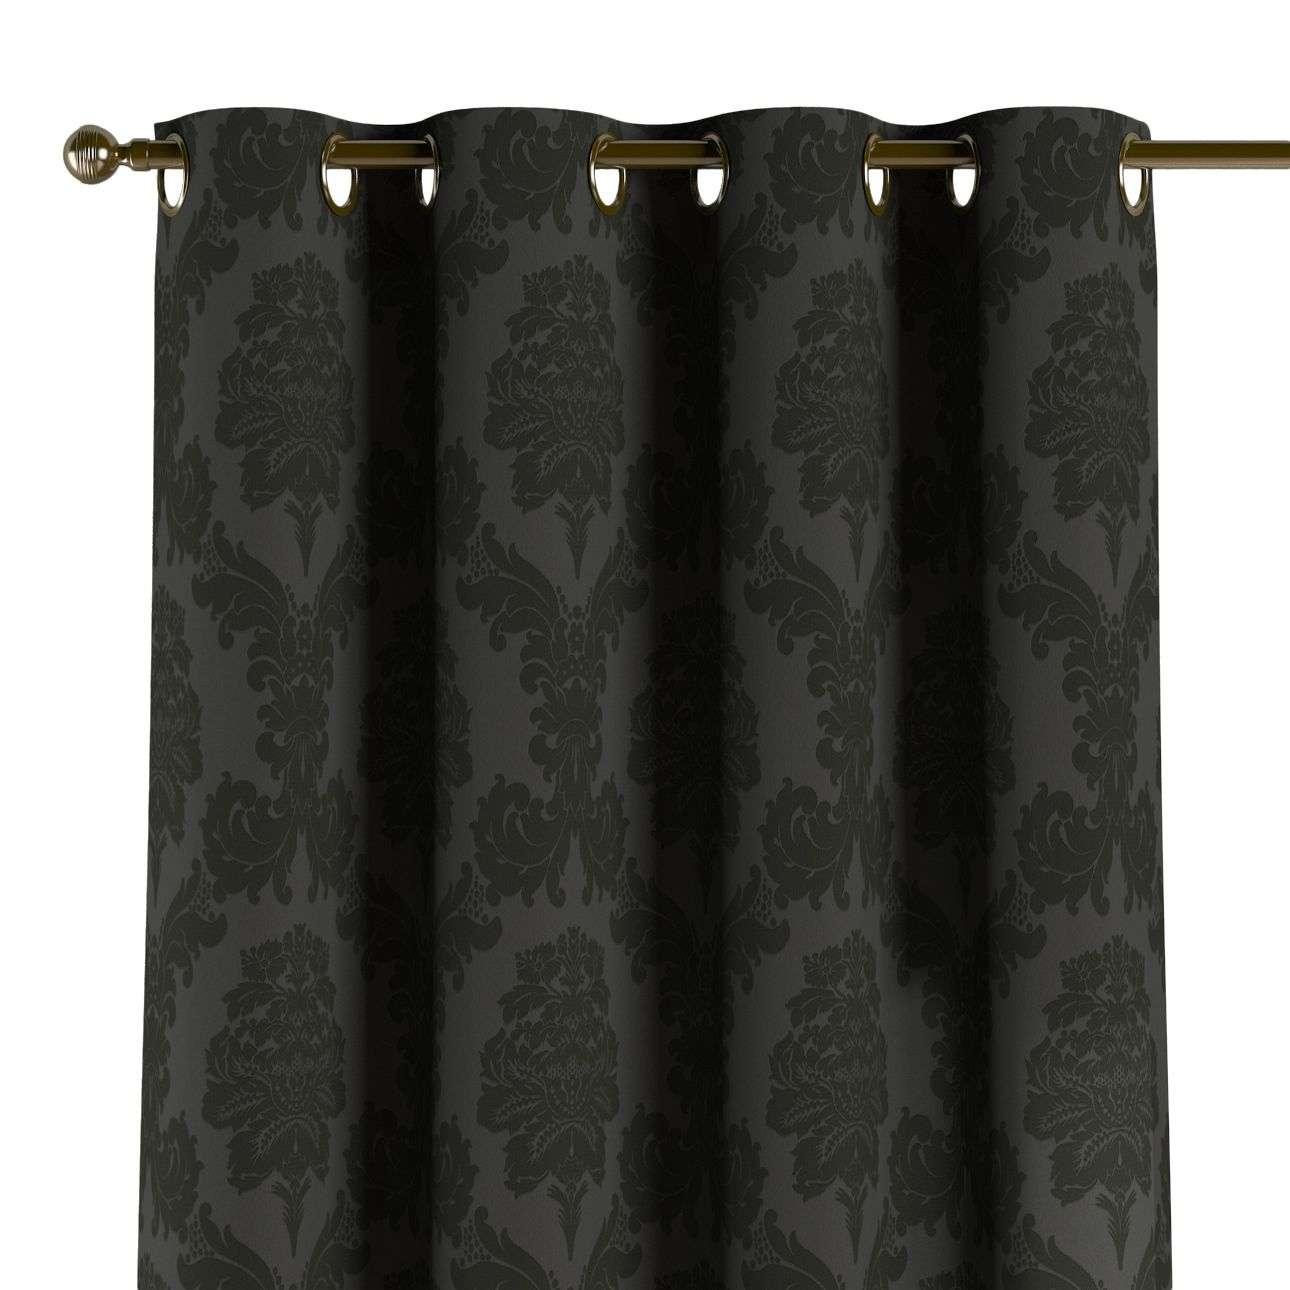 Gardin med öljetter 1 längd 130 x 260 cm i kollektionen Damasco, Tyg: 613-32